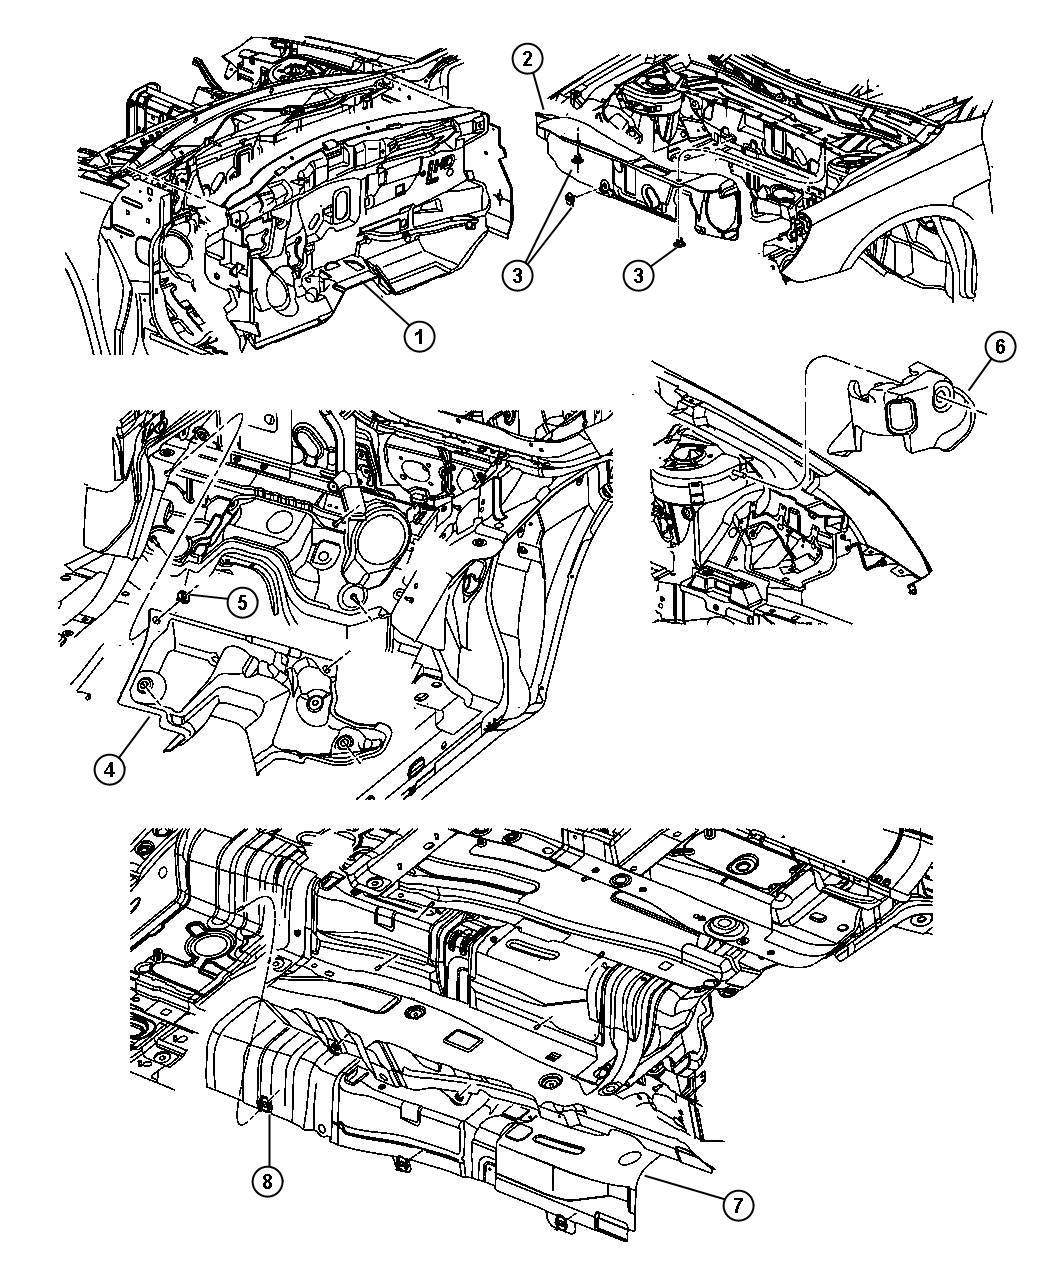 Wiring Diagram For Chrysler Sebring